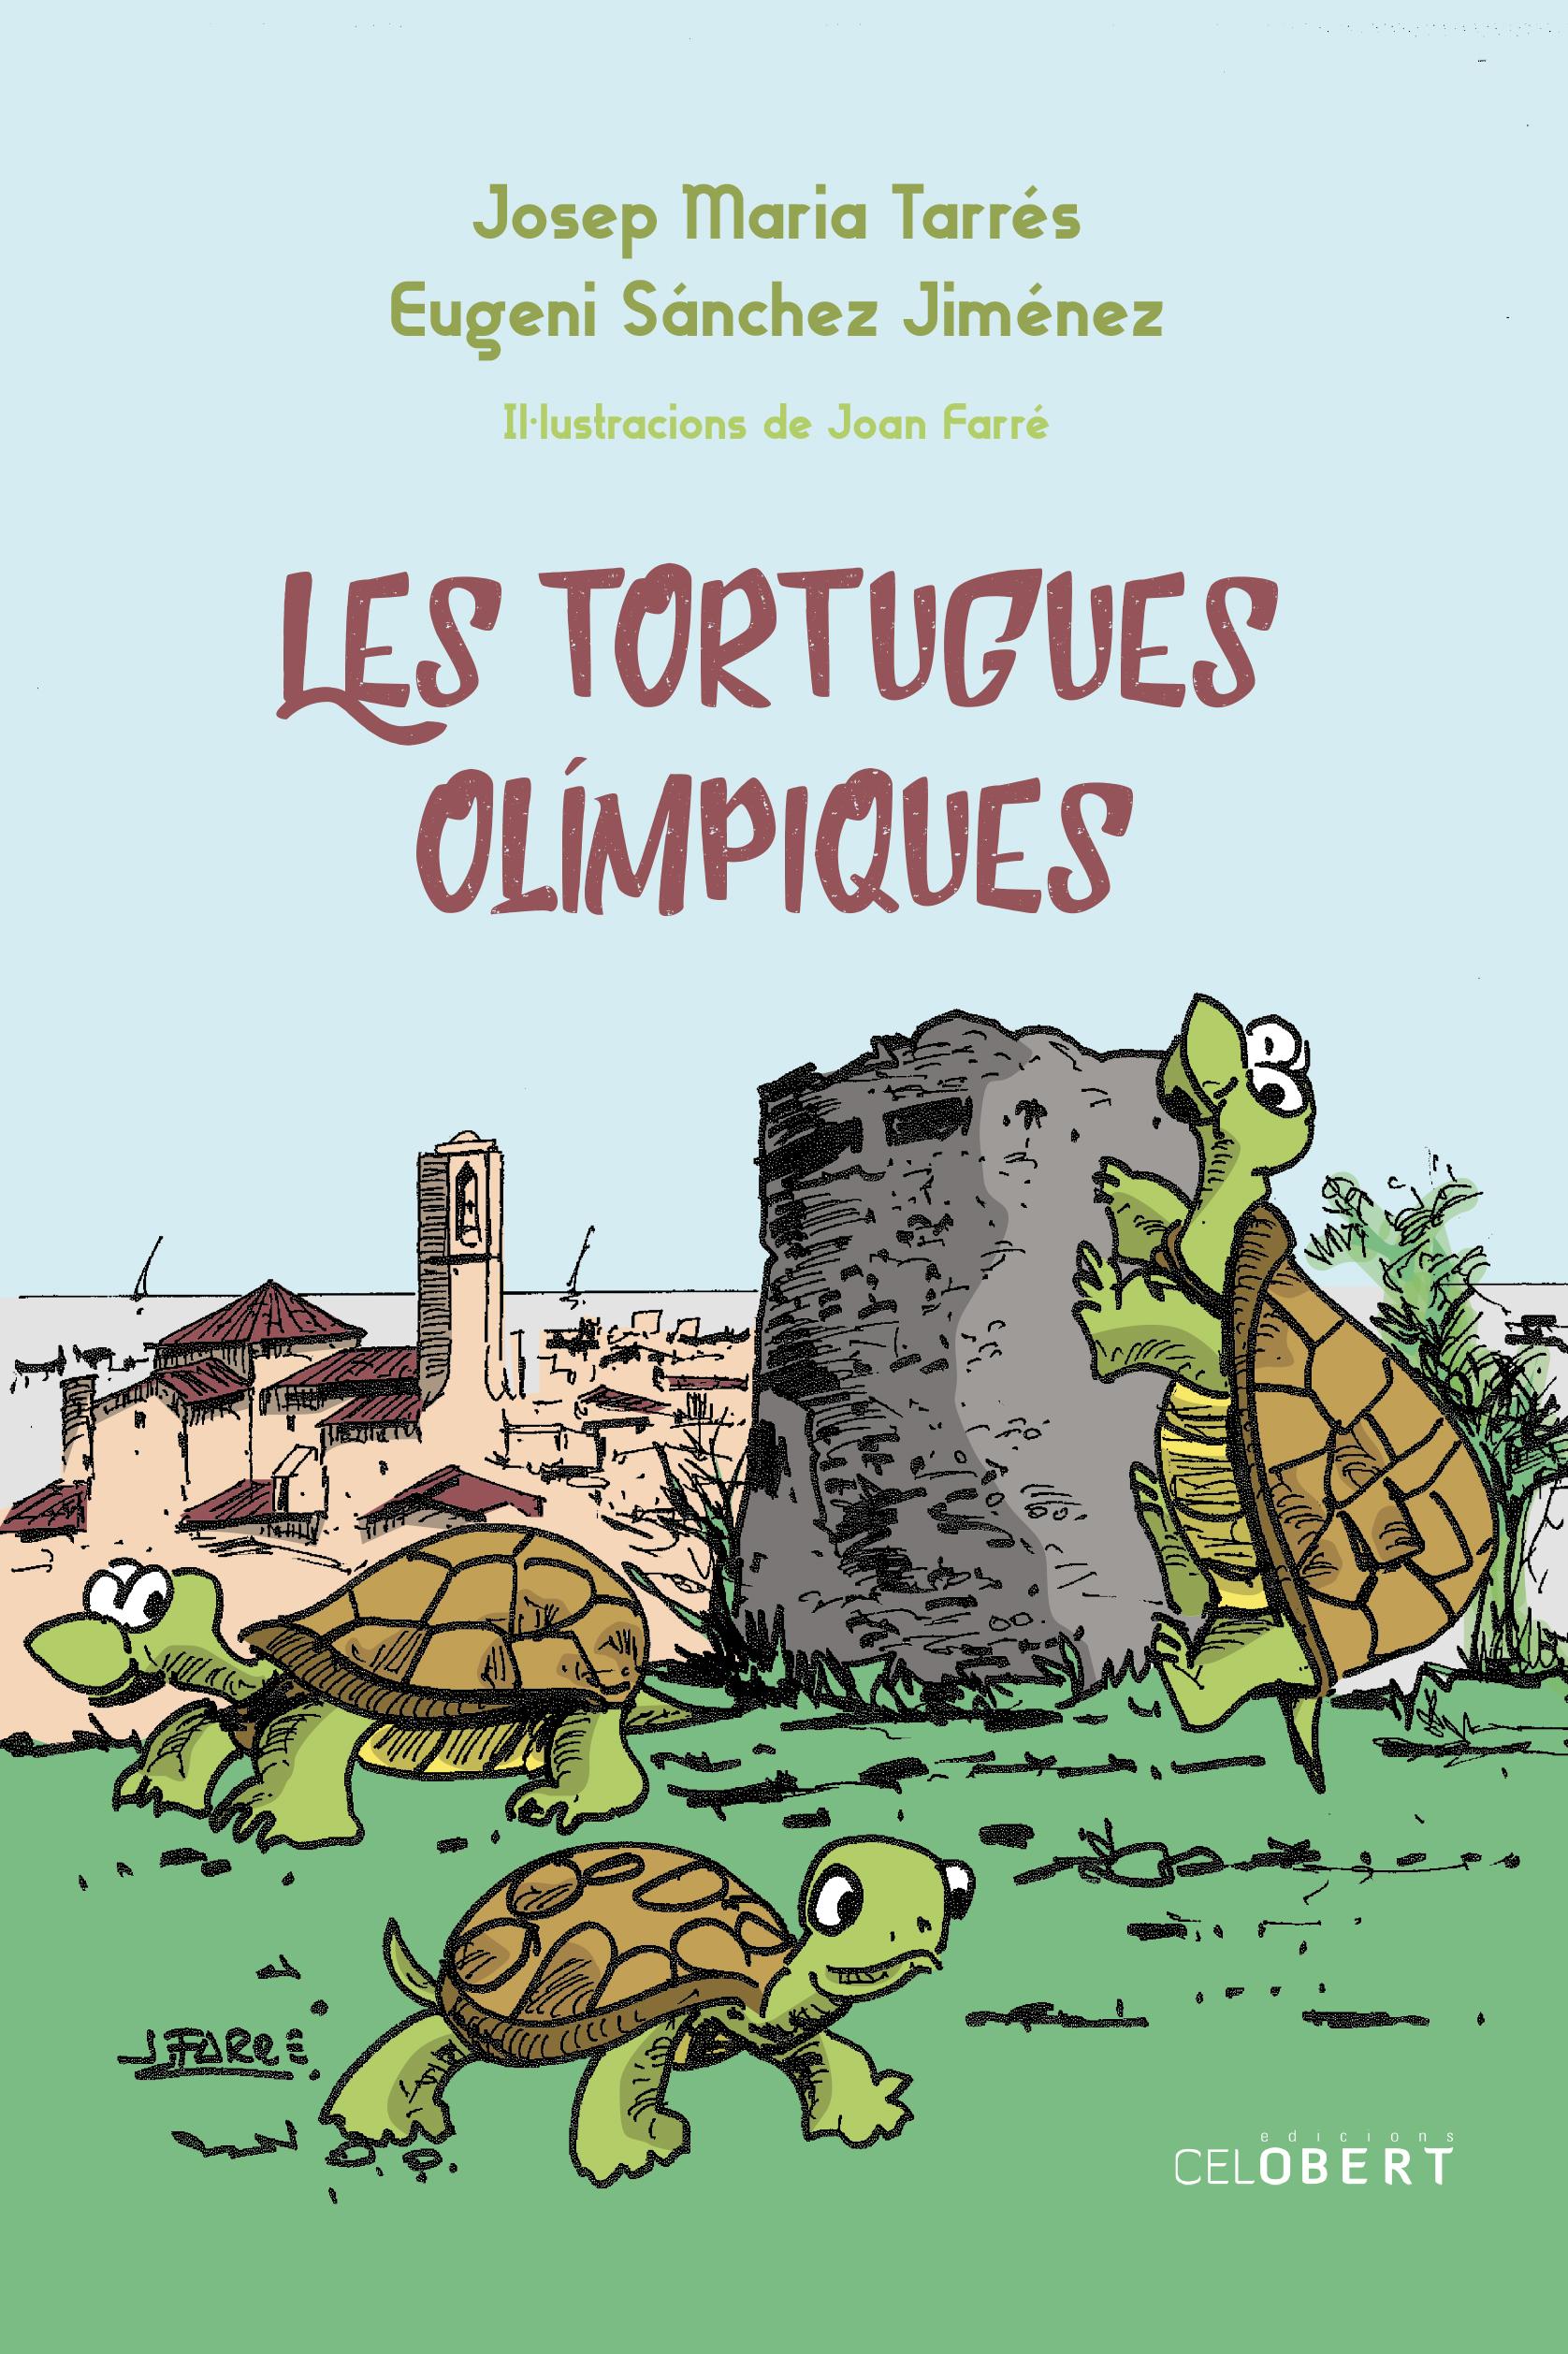 Les tortugues olímpiques